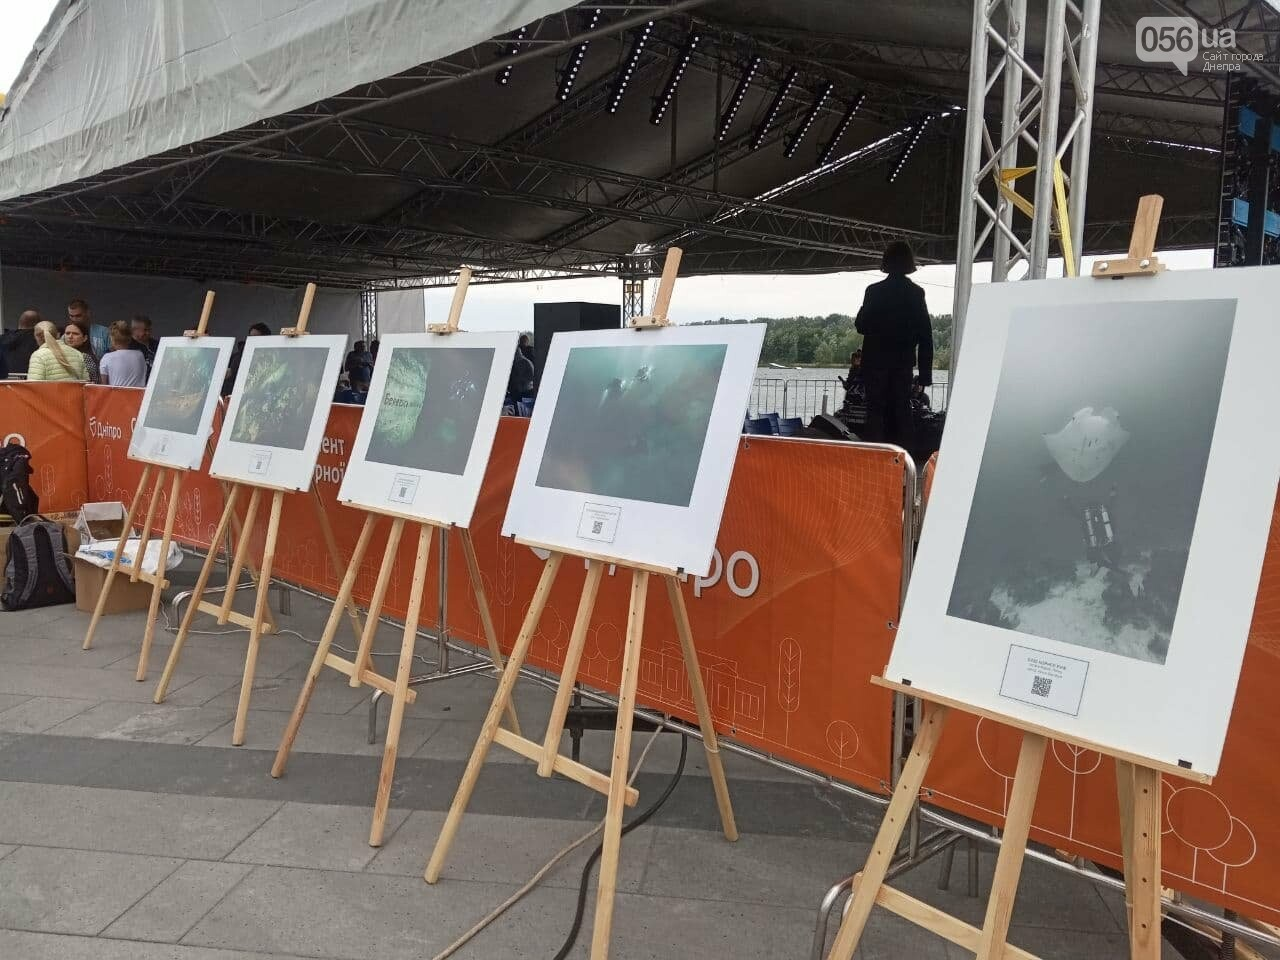 В Днепре провели первый в Украине Международный фестиваль дайвинга, - ФОТО, ВИДЕО, фото-6